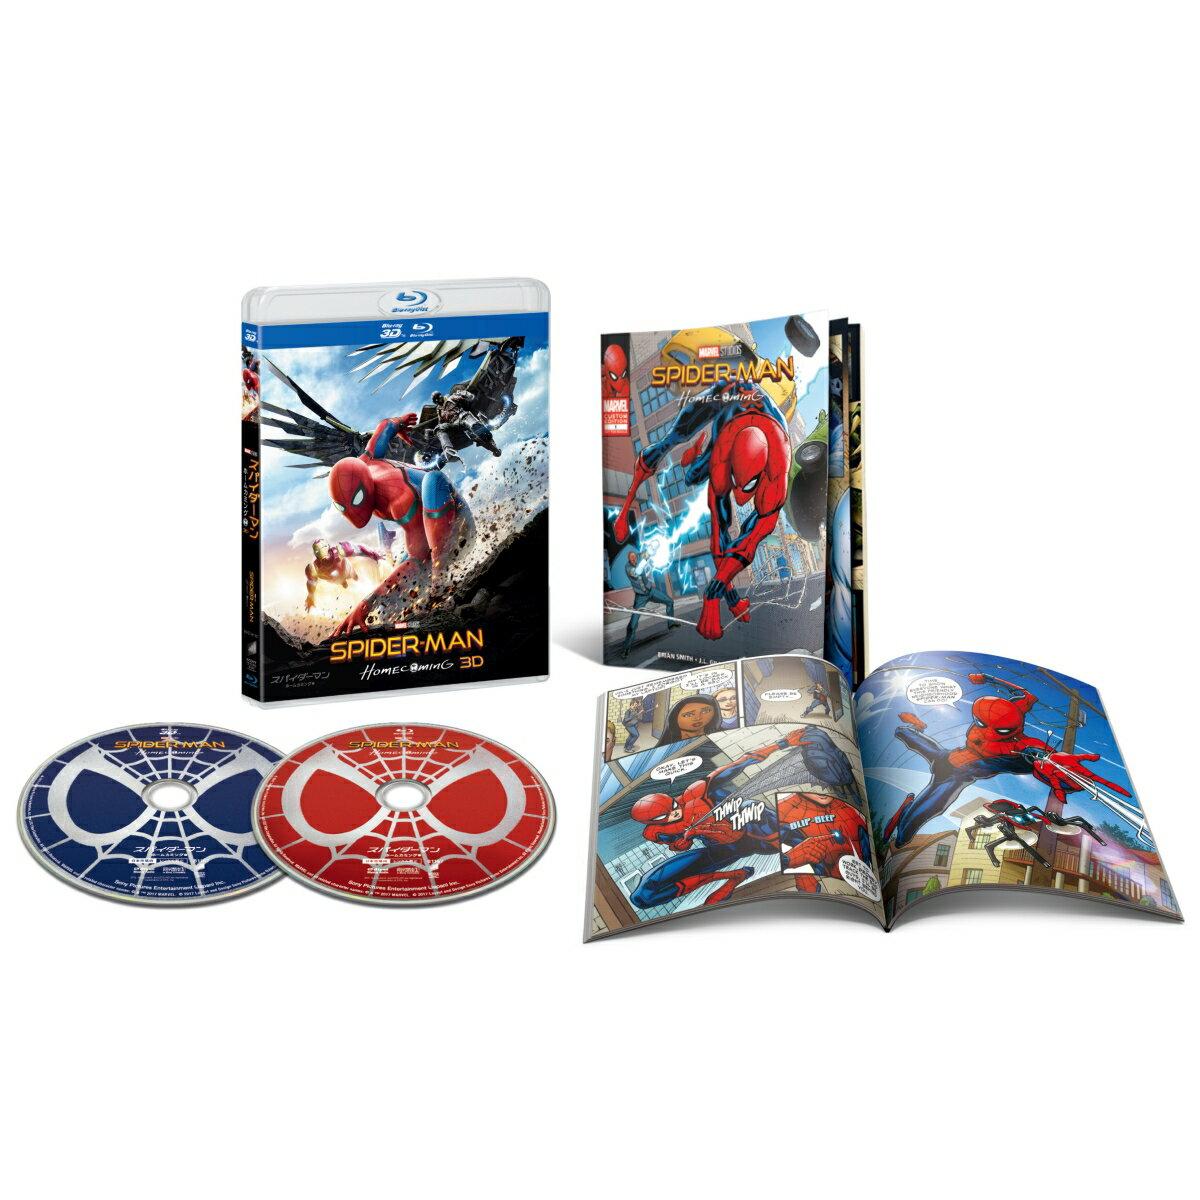 スパイダーマン:ホームカミング IN 3D(初回生産限定)【Blu-ray】 [ トム・ホランド ]